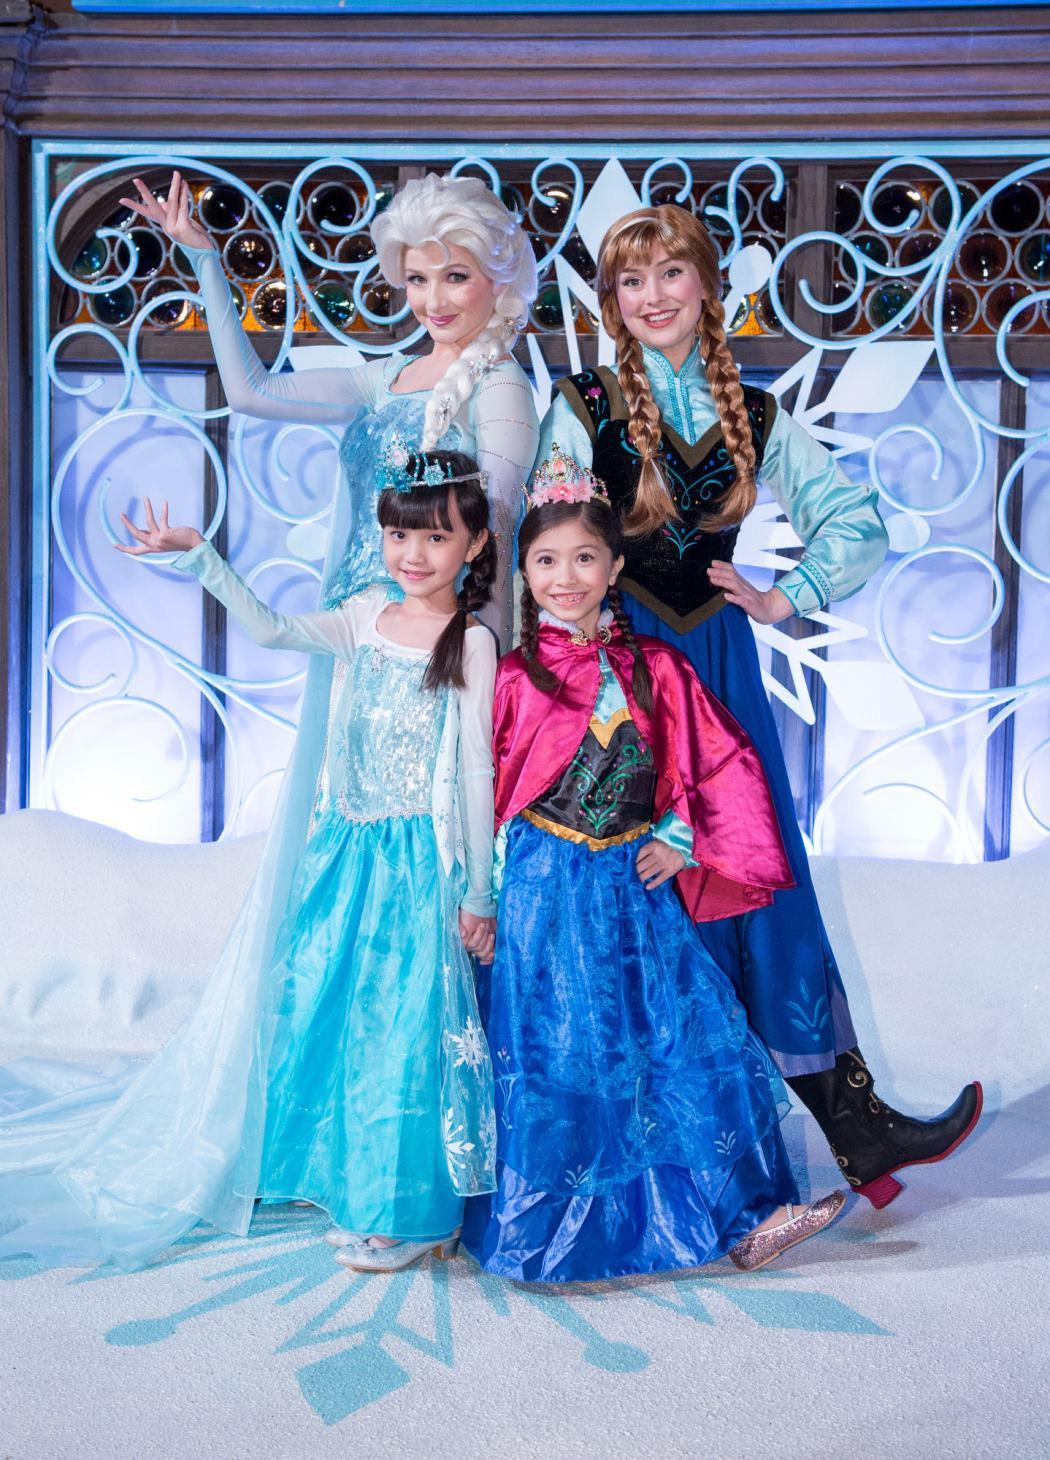 艾莎女皇與安娜公主,來到盛宴現場與賓客們見面合影留念